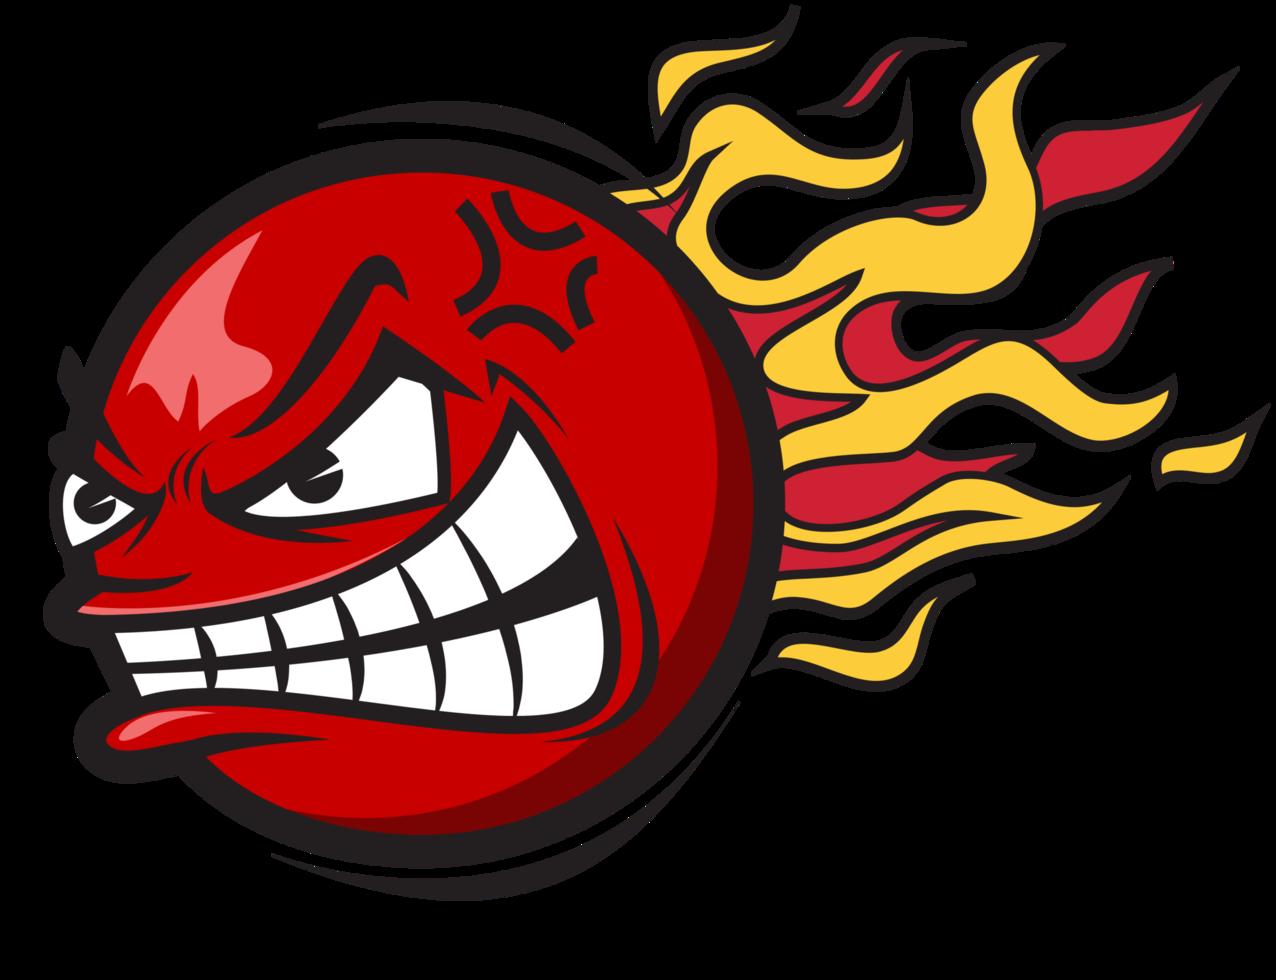 bola em chamas png